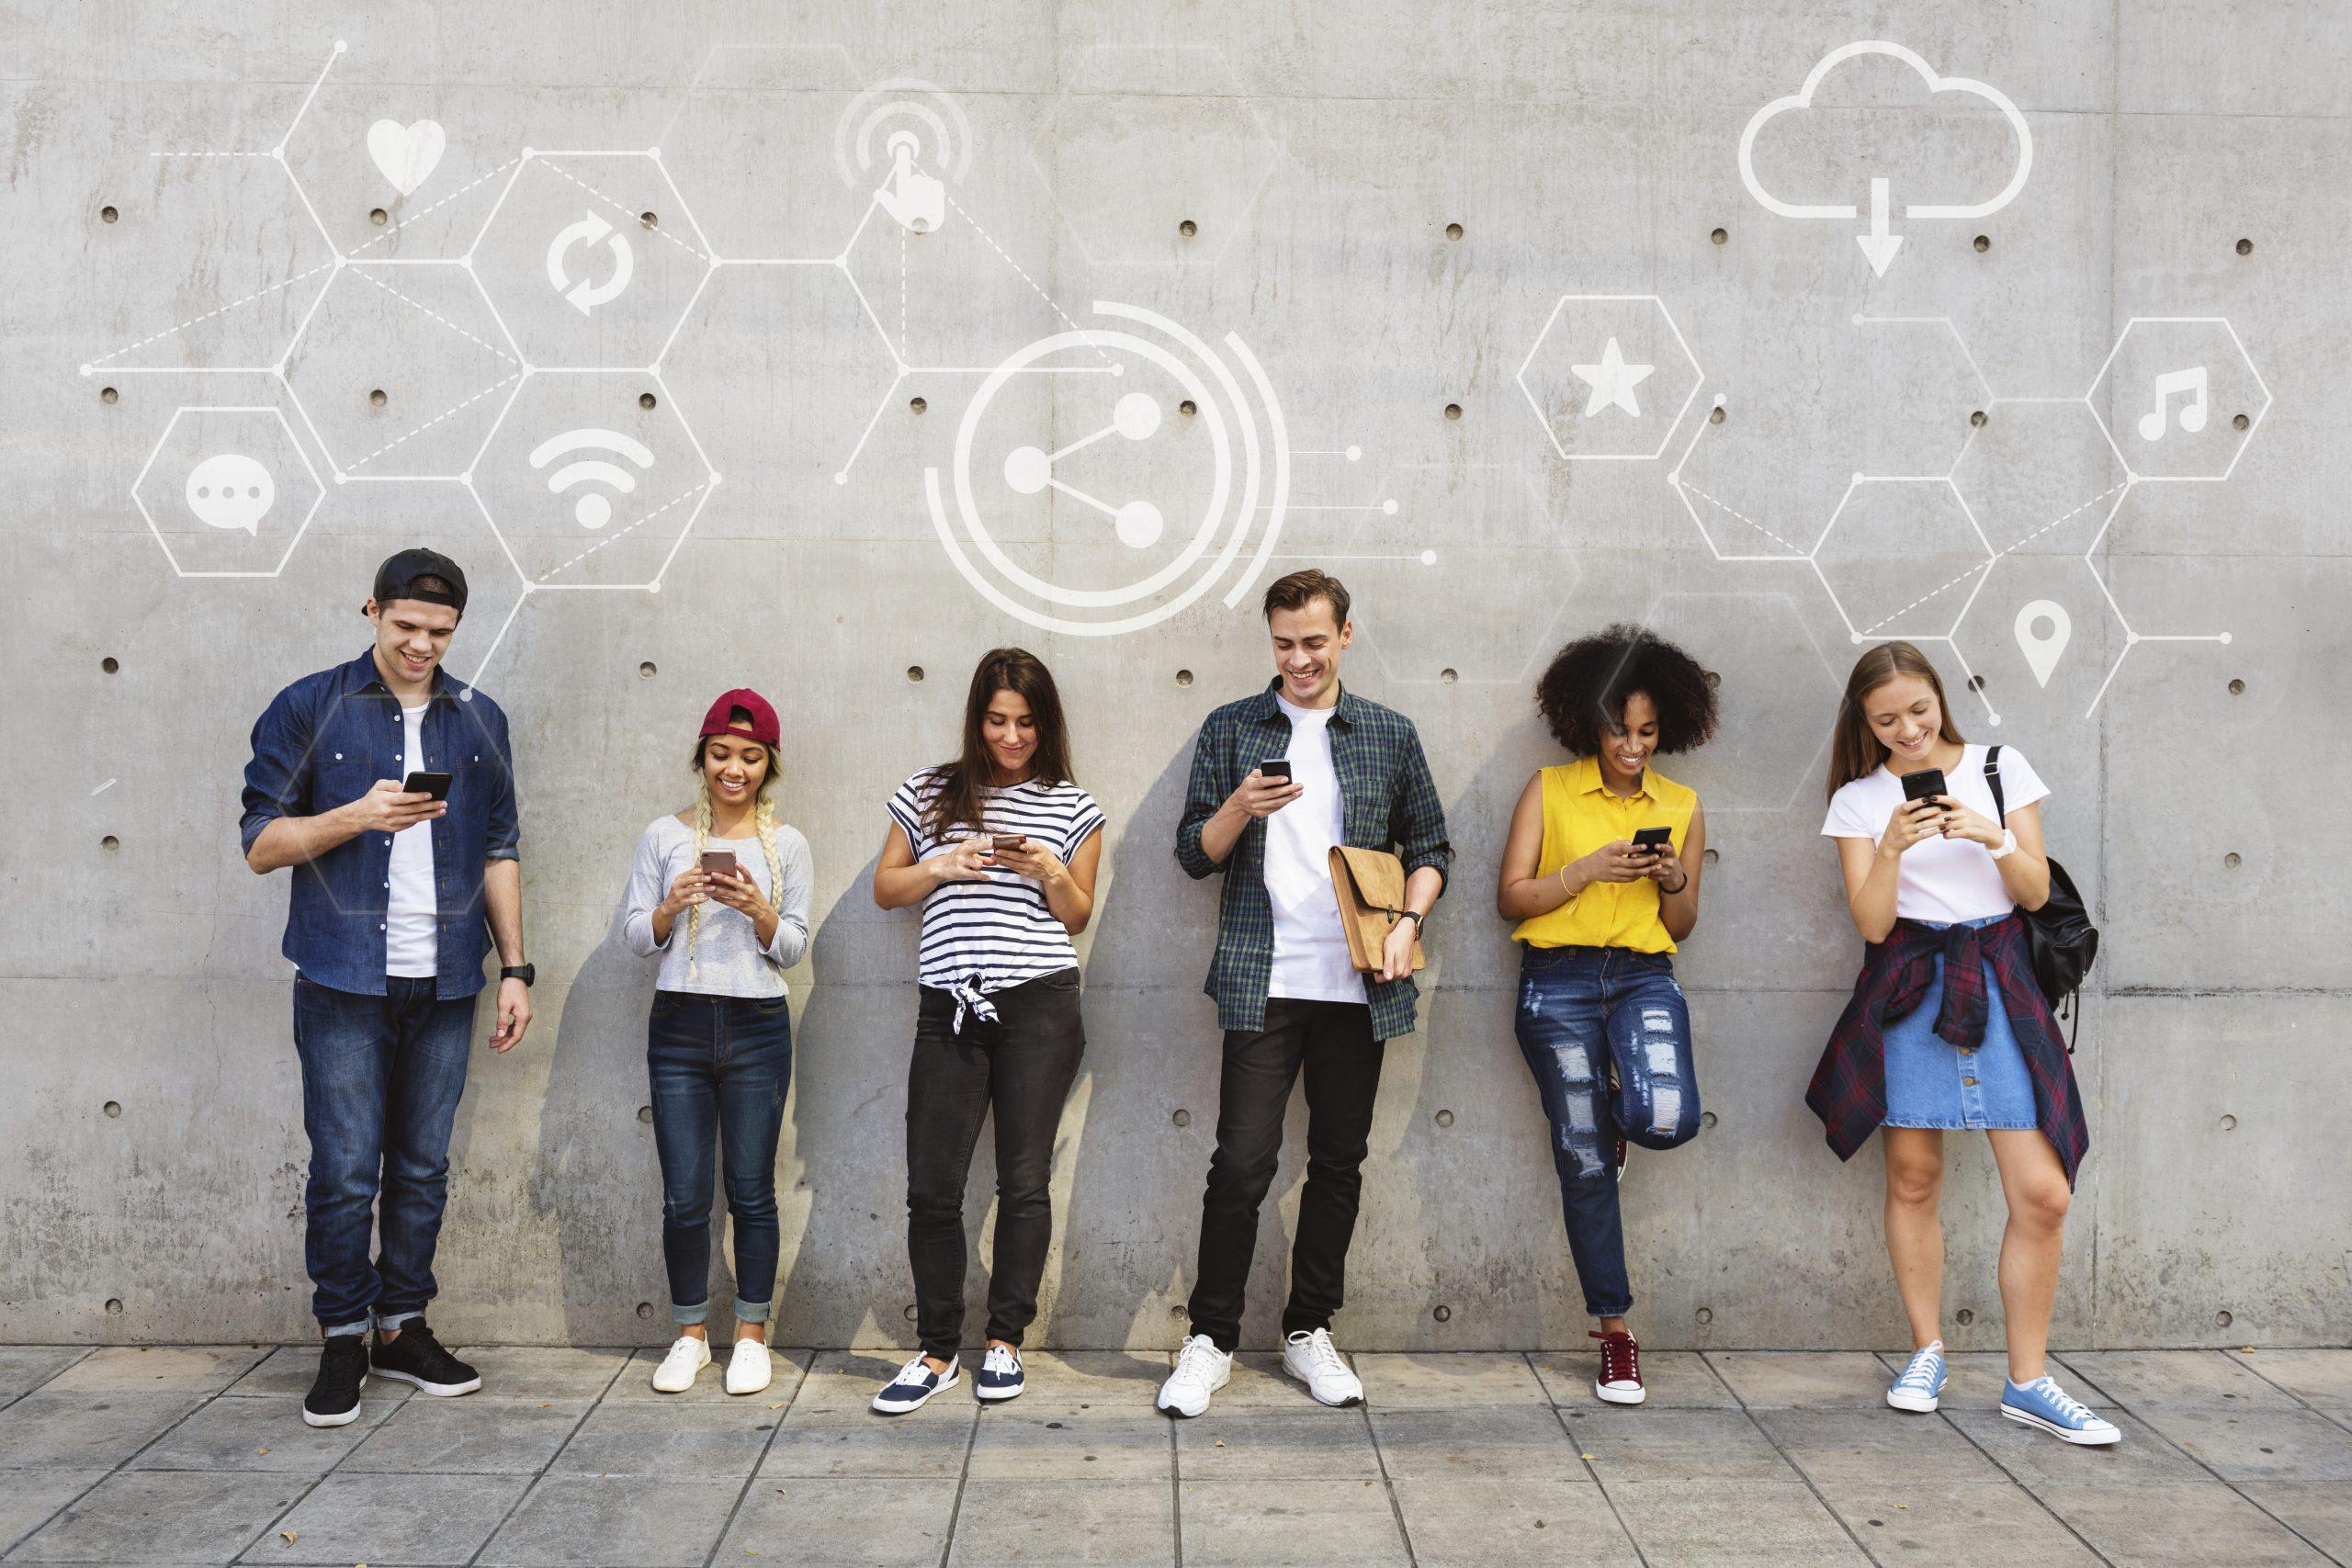 Proyectos-de-Jovenes-con-soluciones-tecnologicas